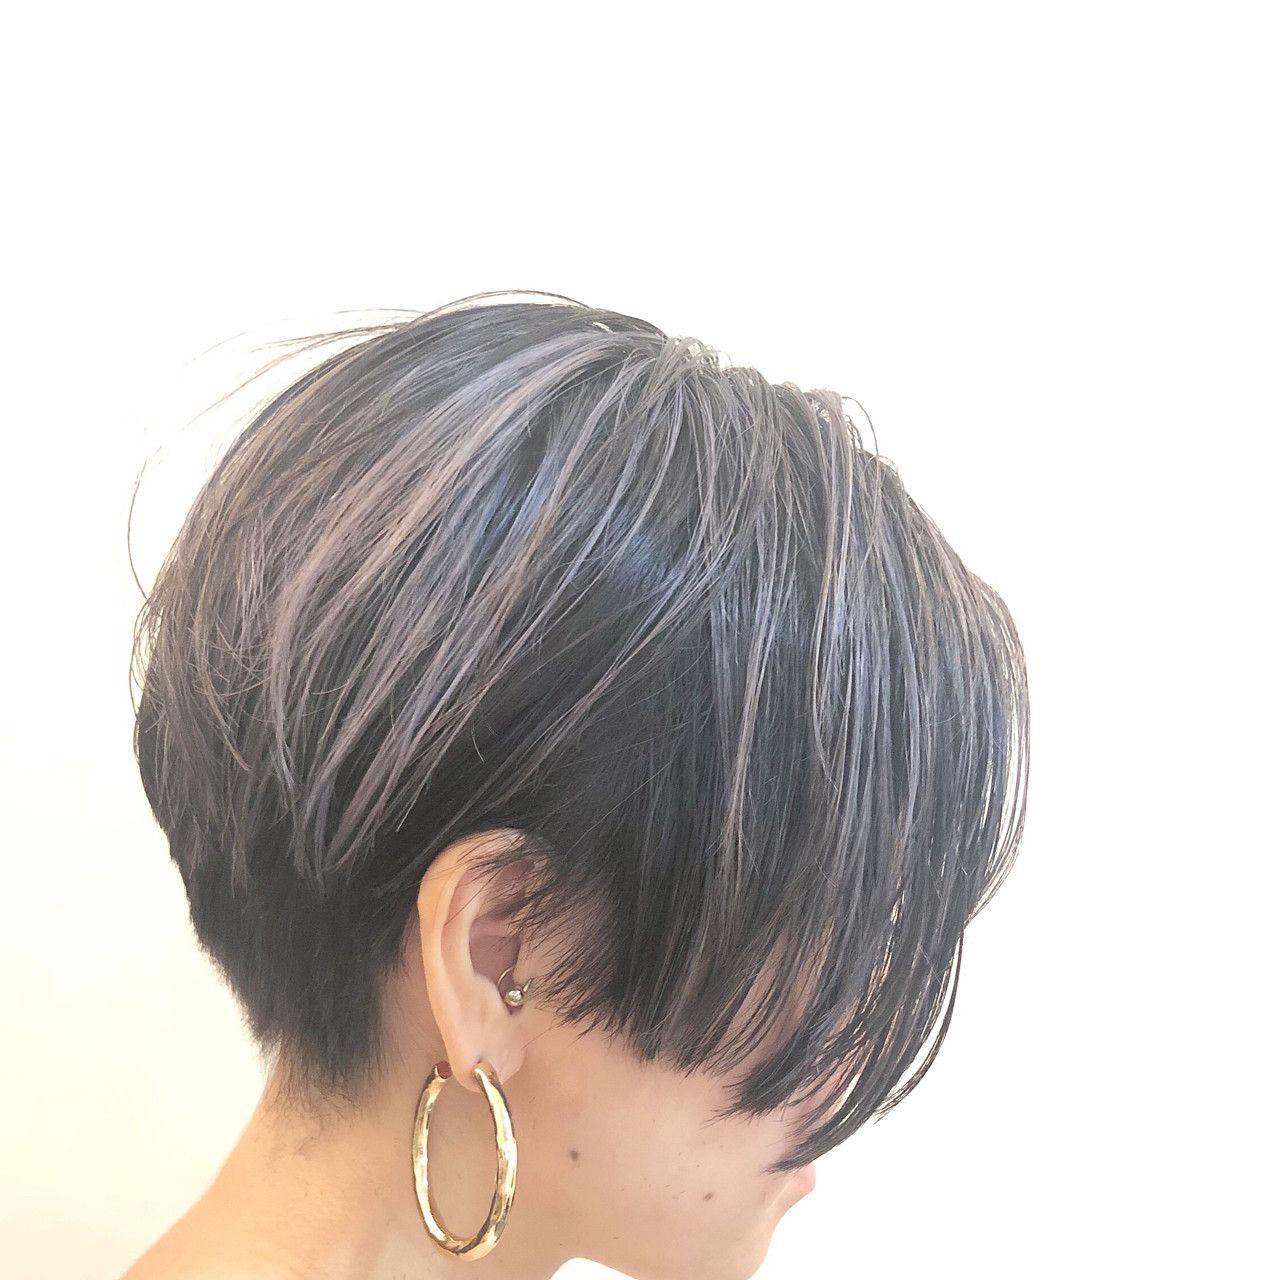 暗めグラデーションカラーで大人のモテ髪に ブリーチなしでもokなおすすめカラー Hair ヘアカット ヘアスタイル シャグヘアスタイル